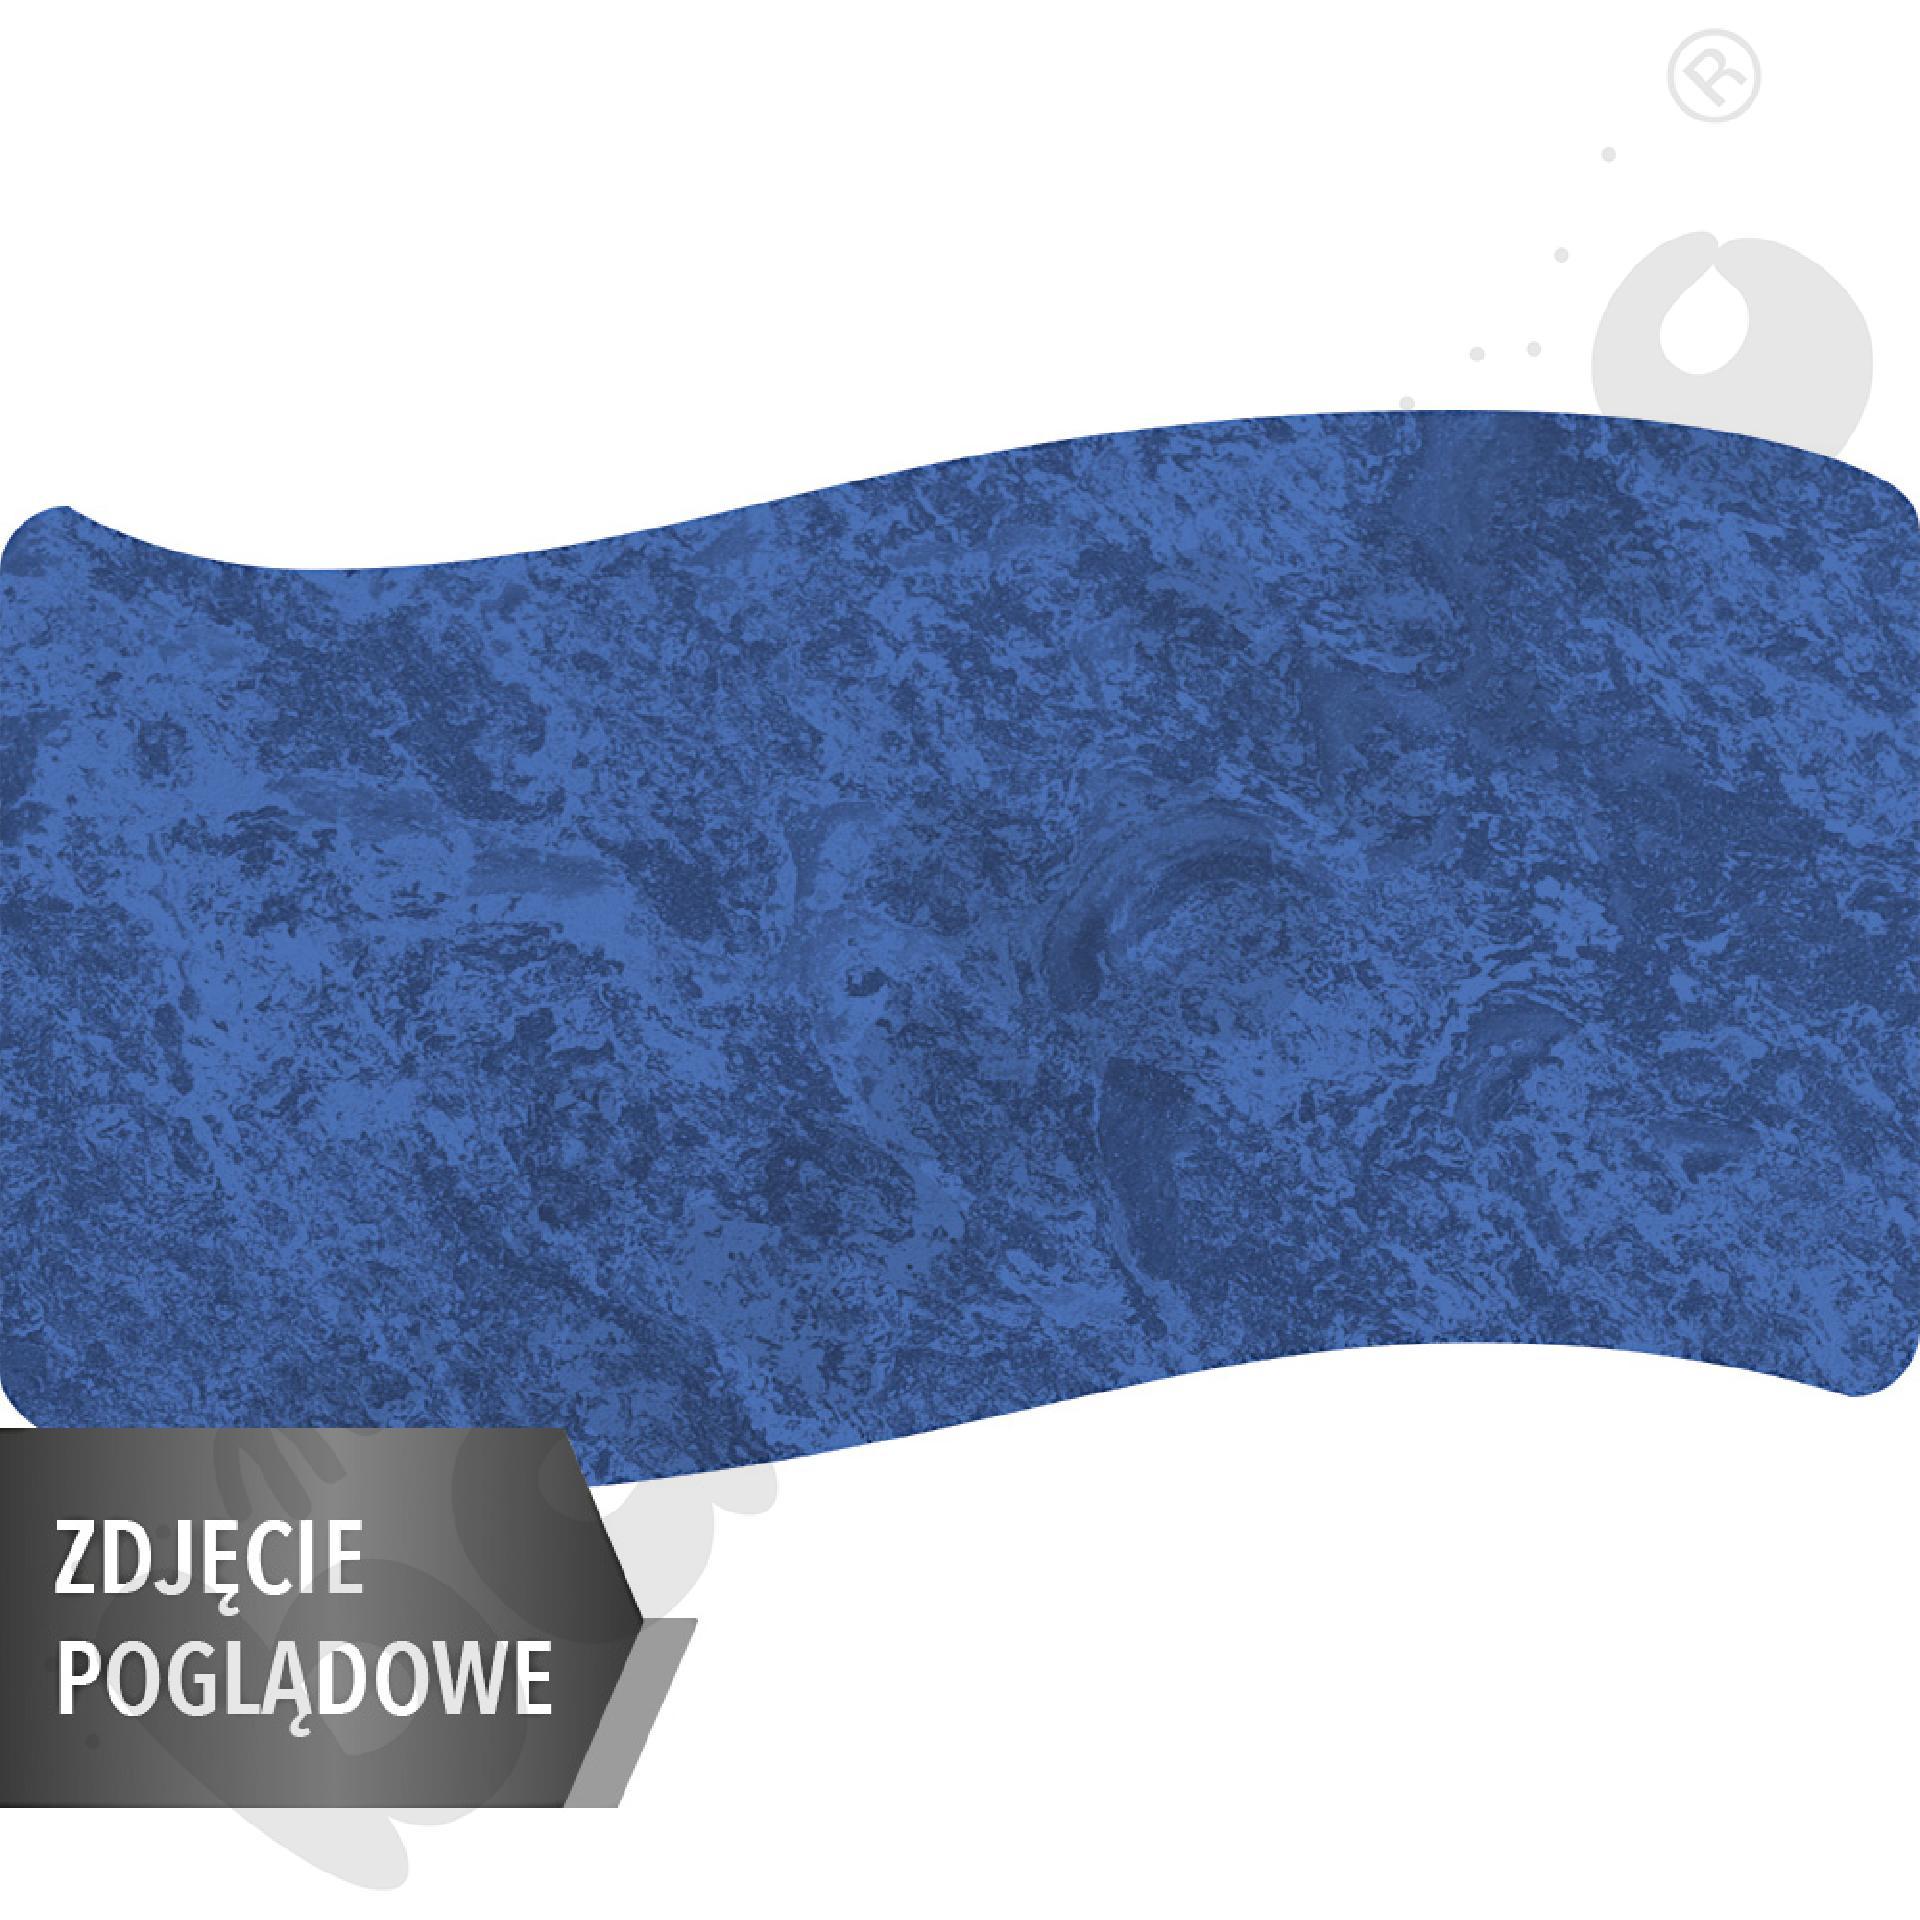 Cichy stół falisty duży, 140 x 72 cm, zaokrąglone narożniki, rozm. 5 - niebieski